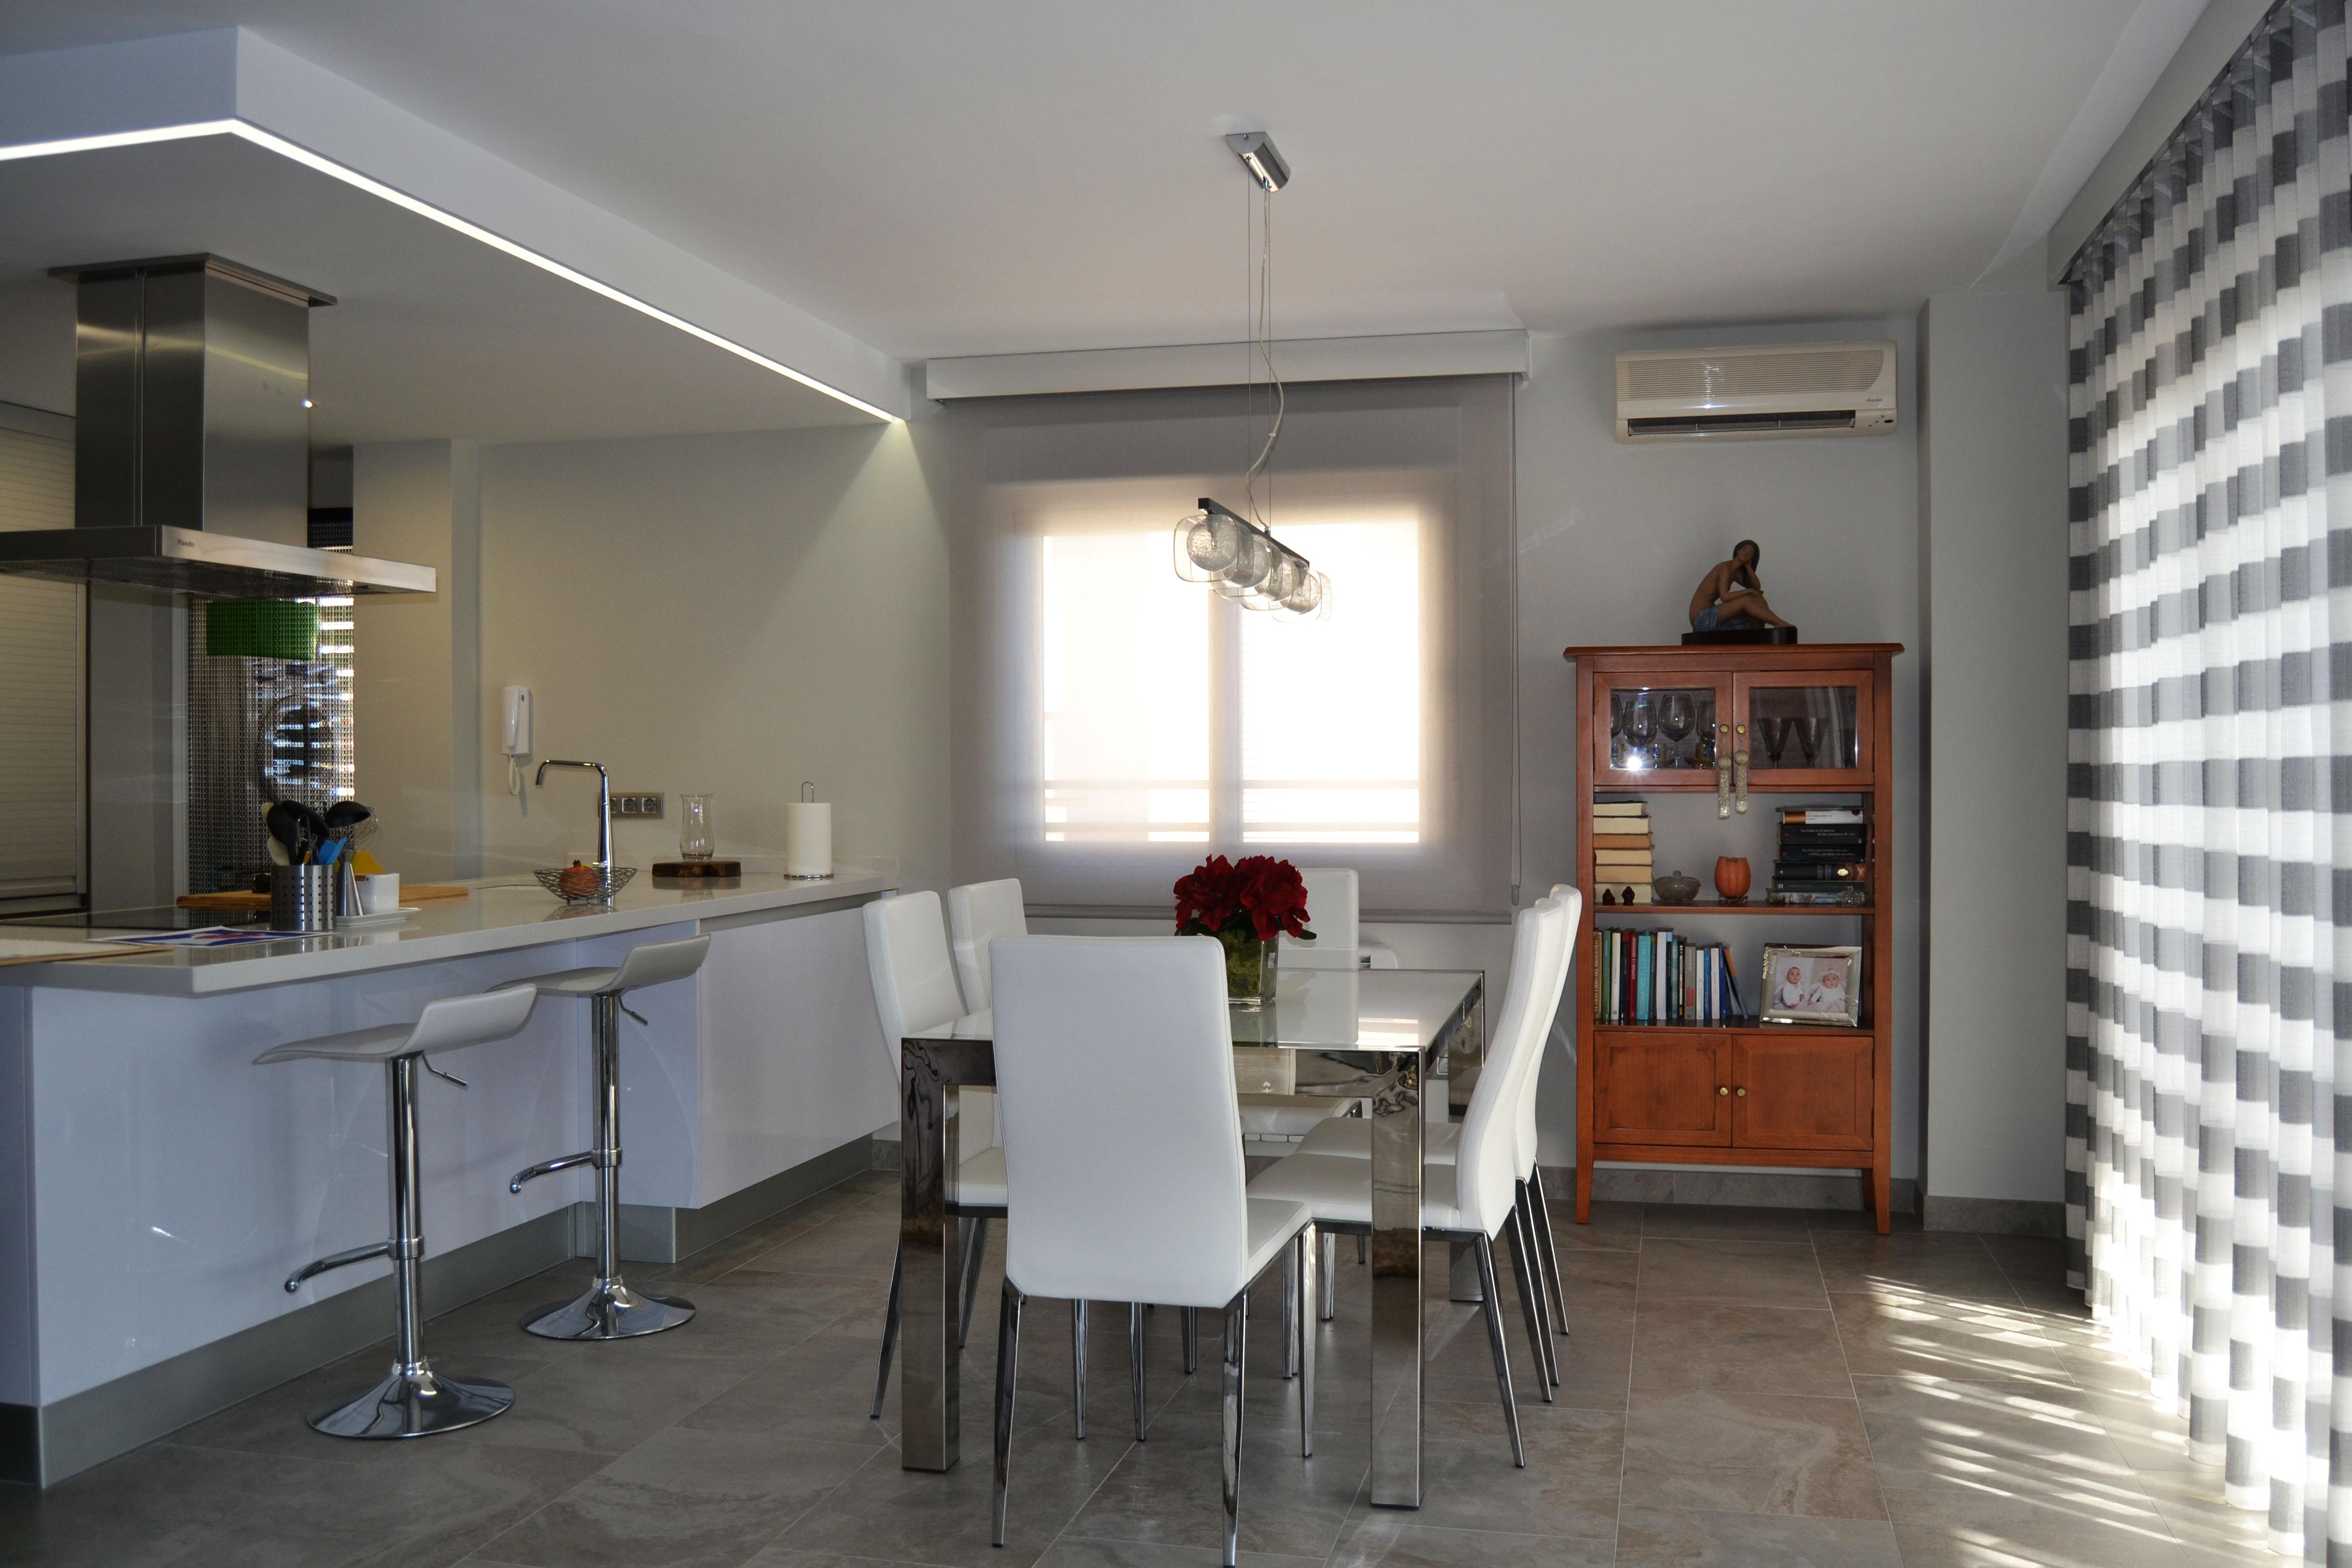 Un sal n moderno con vistas al mar villalba interiorismo - Lamparas para salones modernos ...